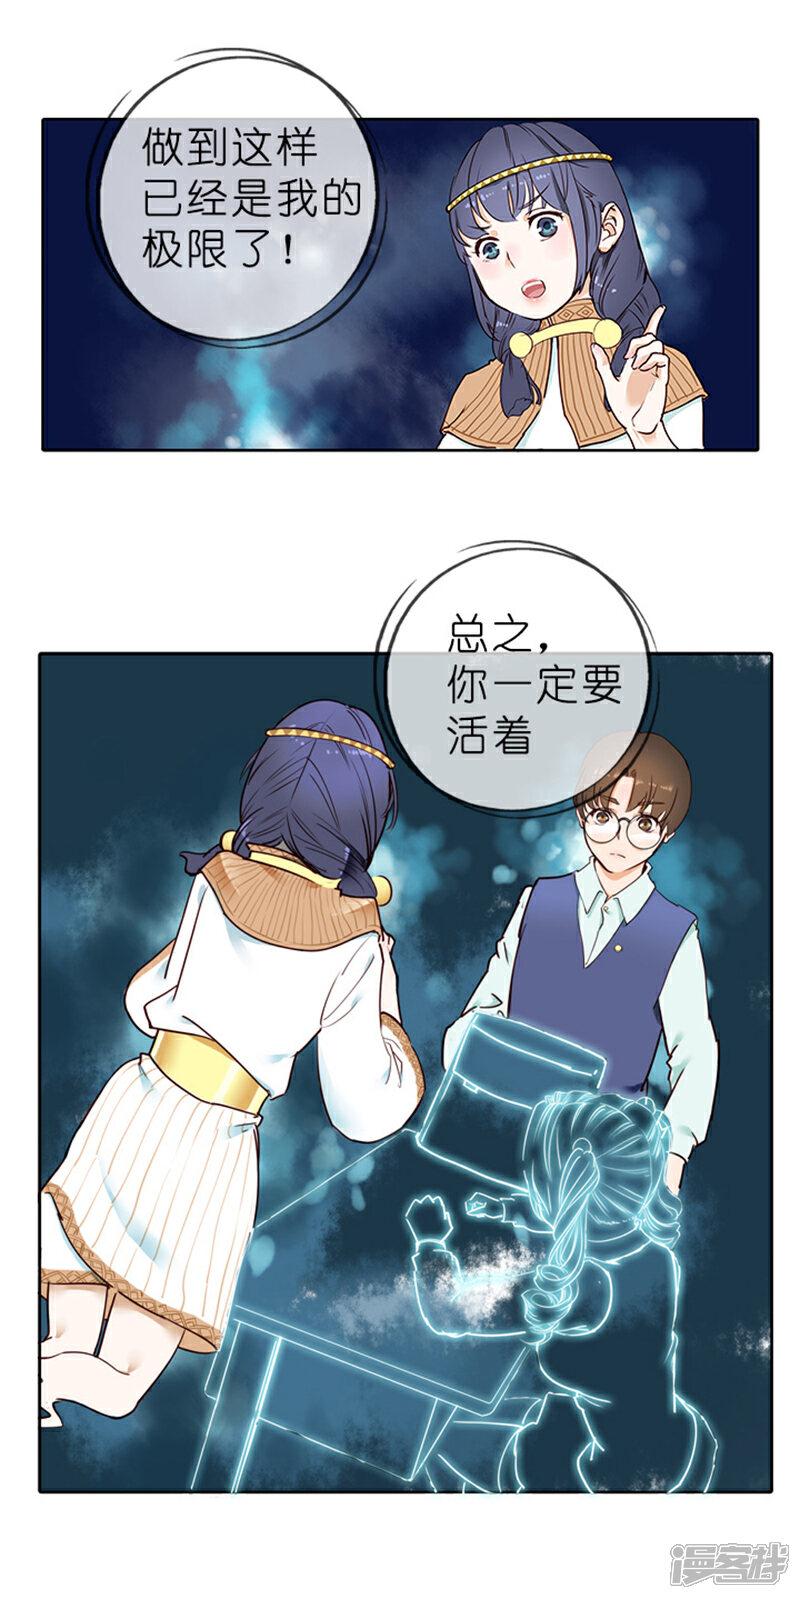 客栈帮帮忙祖先第3话-漫漫画漫画爱火影忍者图片